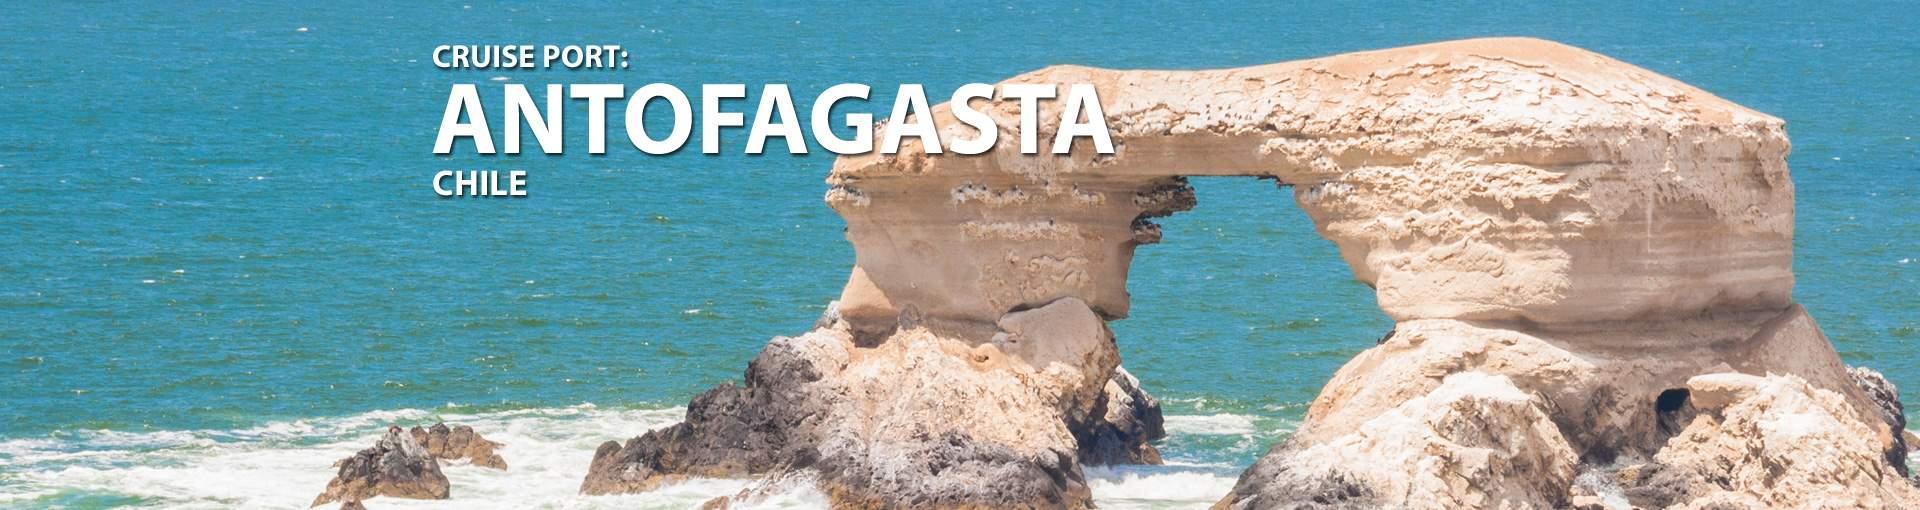 Cruises to Antofagasta, Chile